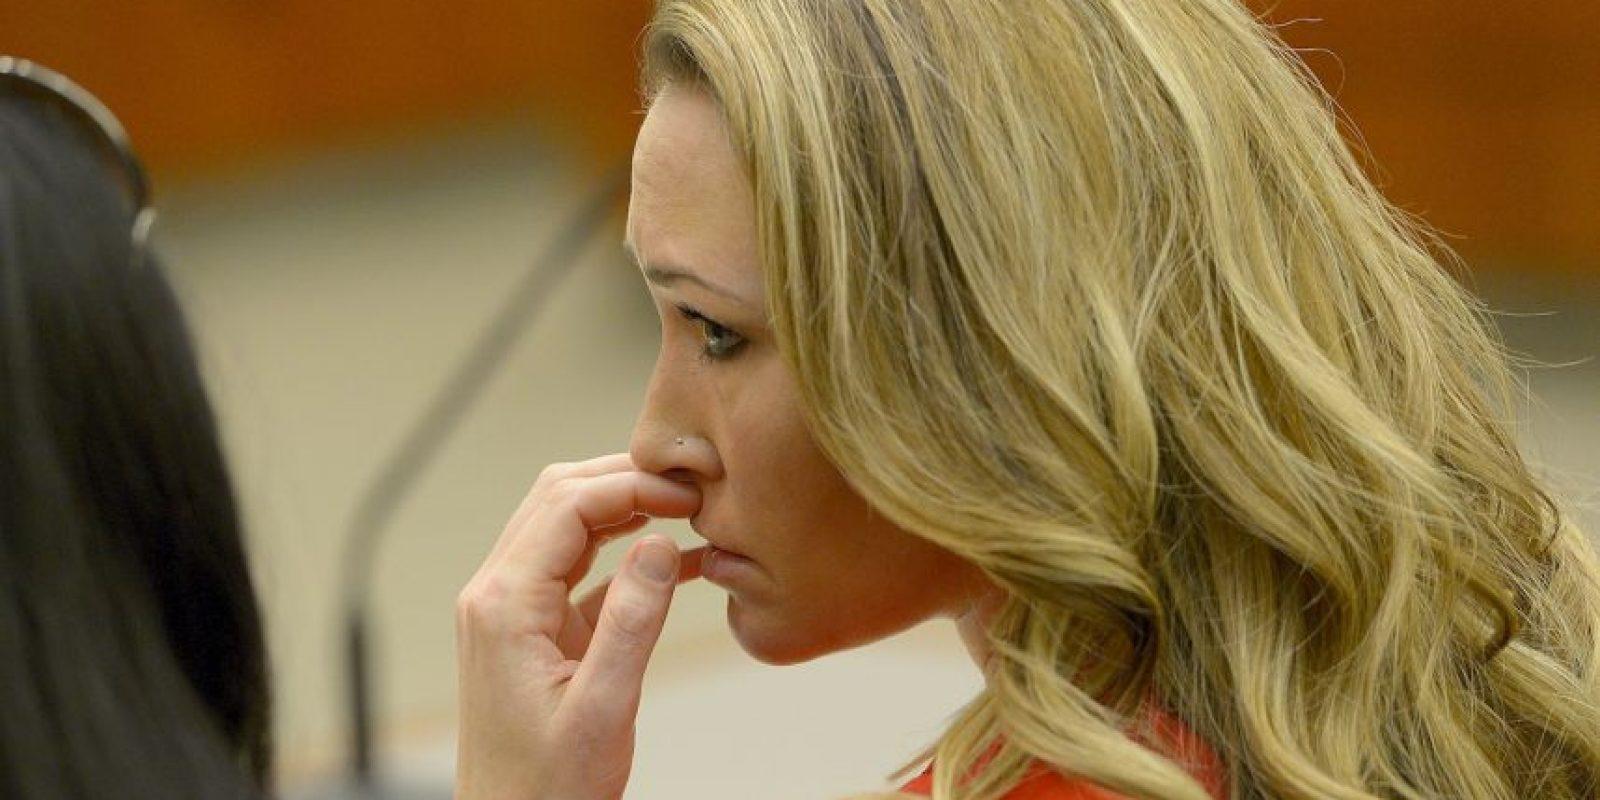 Ahora las víctimas piden demandar a a directora de la escuela, quien aseguran, conocía de la conducta sexual de Altice Foto:AP